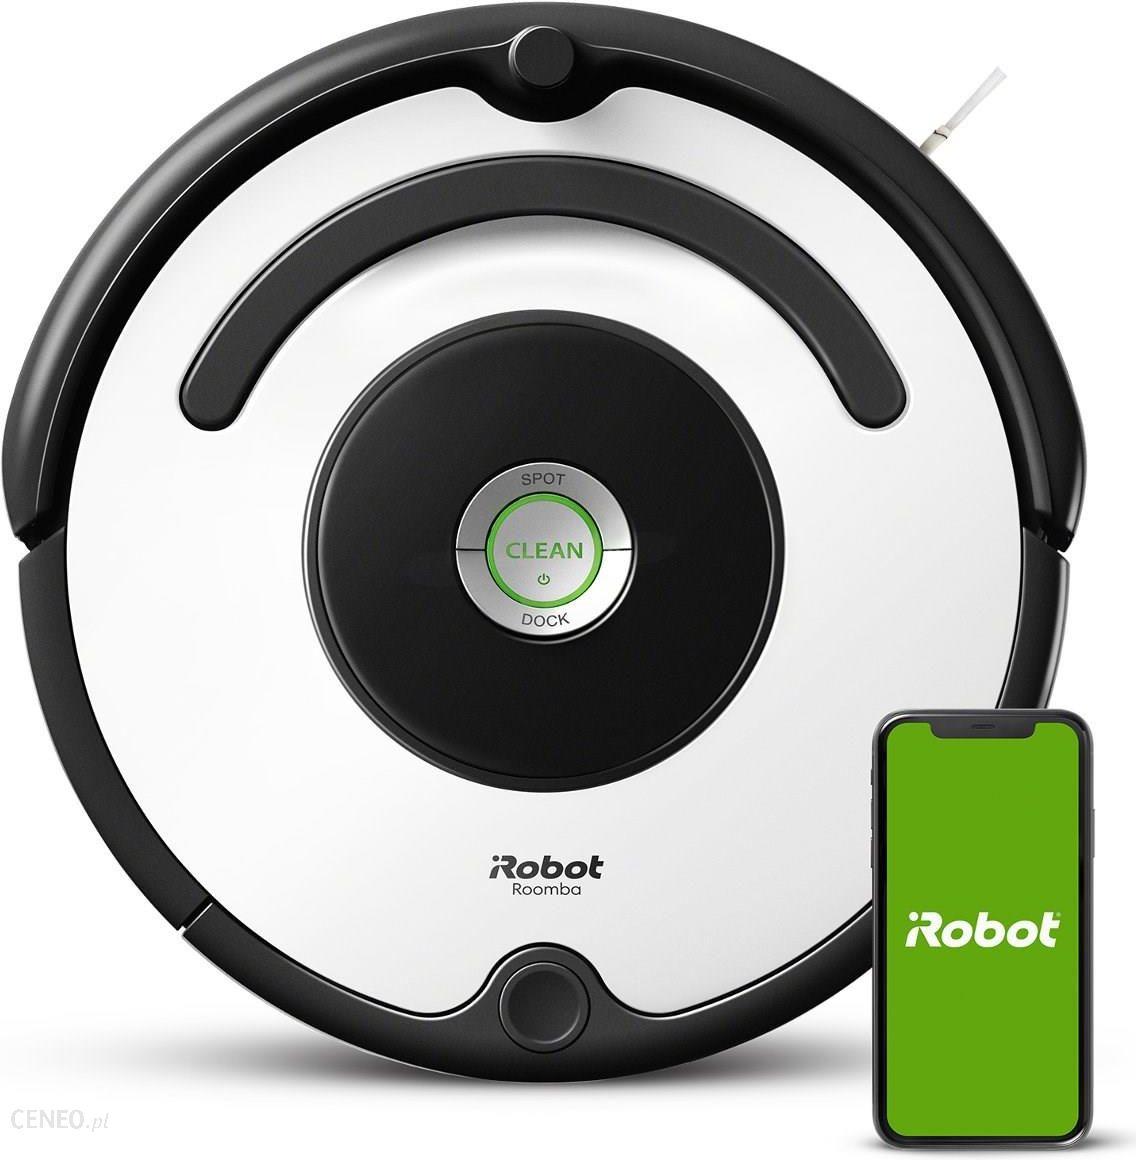 Odkurzacz Irobot Roomba 675 Opinie I Ceny Na Ceneopl